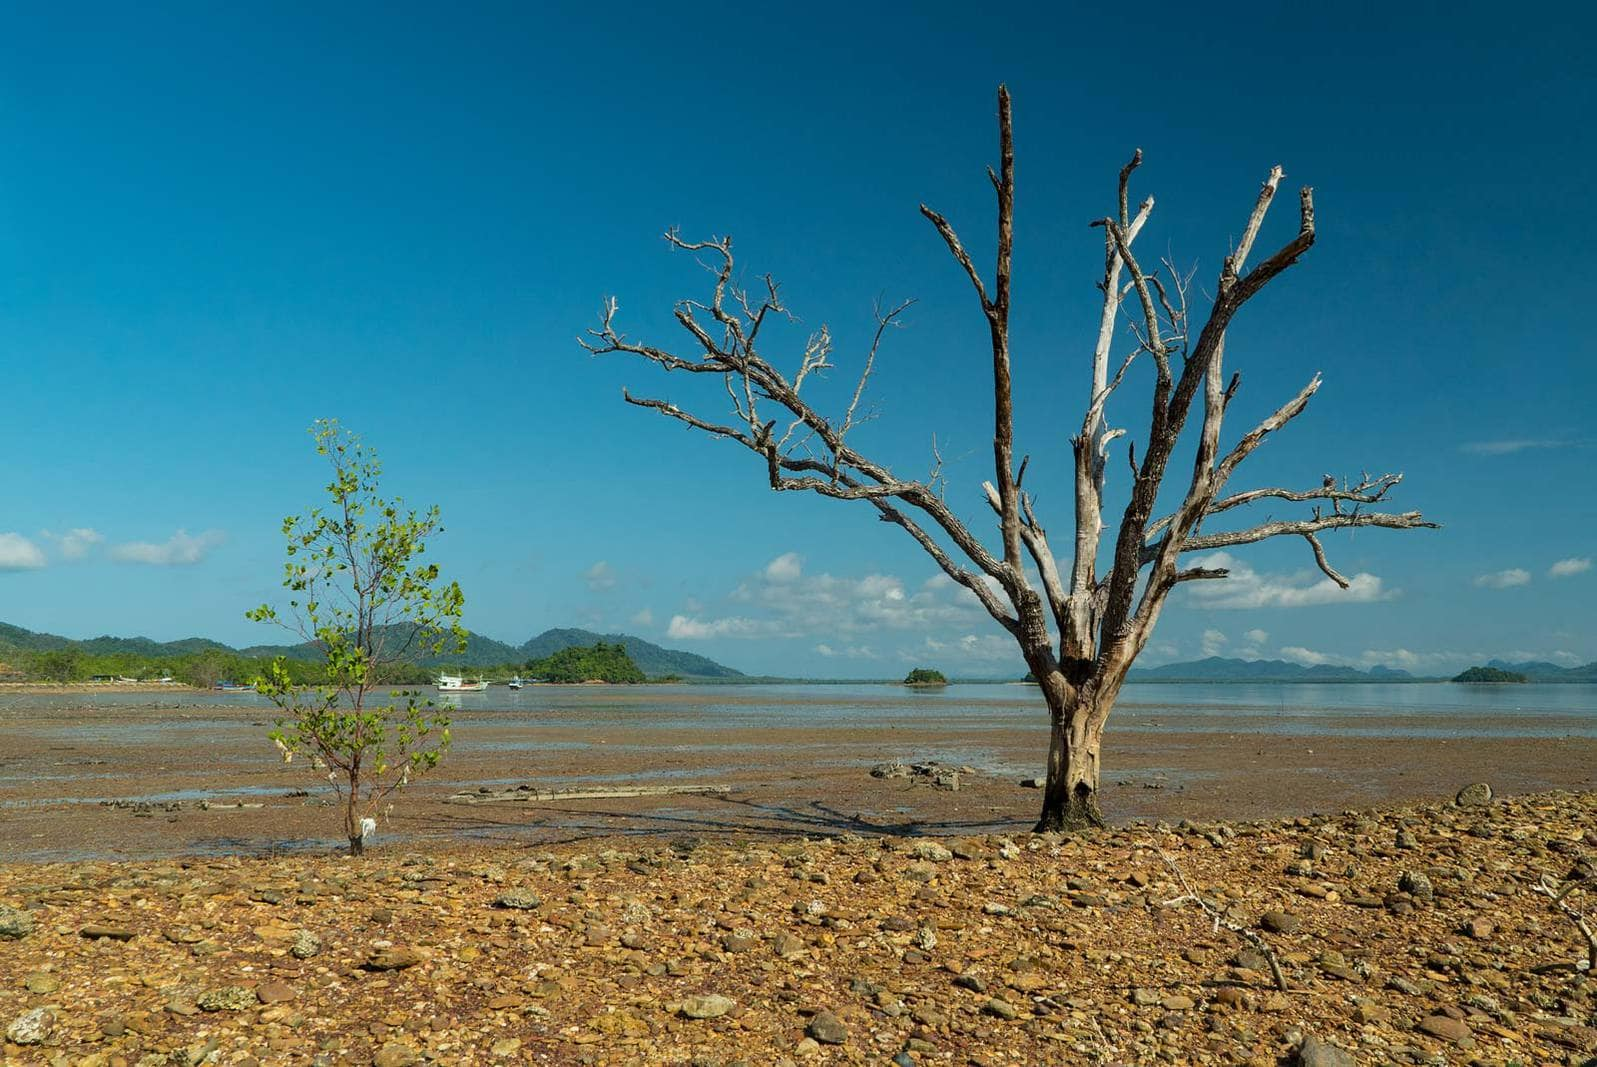 Tree in the Sea Koh Lanta